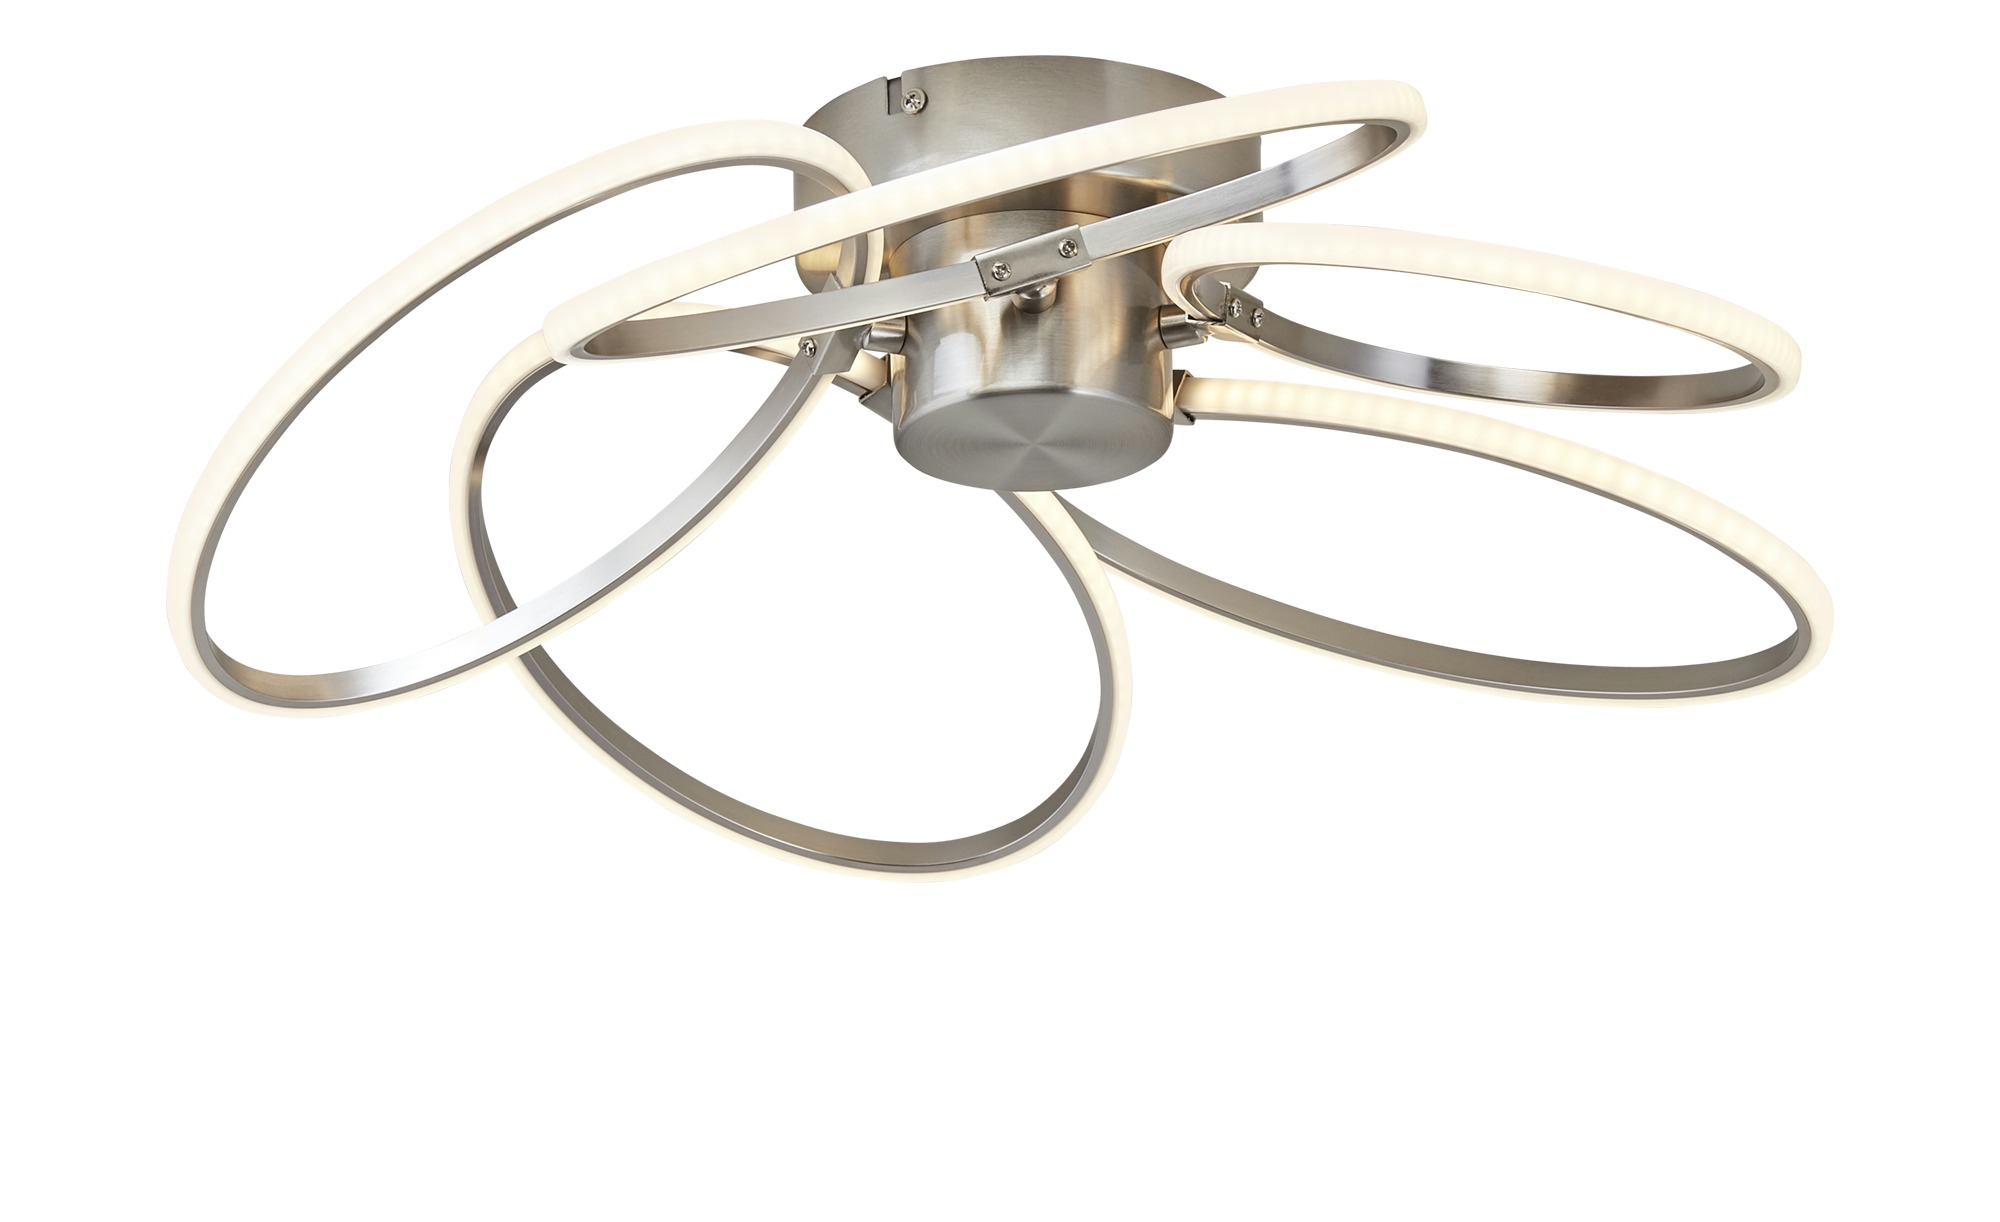 Paul Sommerkamp Leuchten LED-Deckenleuchte, 5-flammig nickel matt ¦ silber ¦ Maße (cm): B: 48 H: 14 Ø: 48 Lampen & Leuchten > Innenleuchten > Deckenleuchten - Höffner